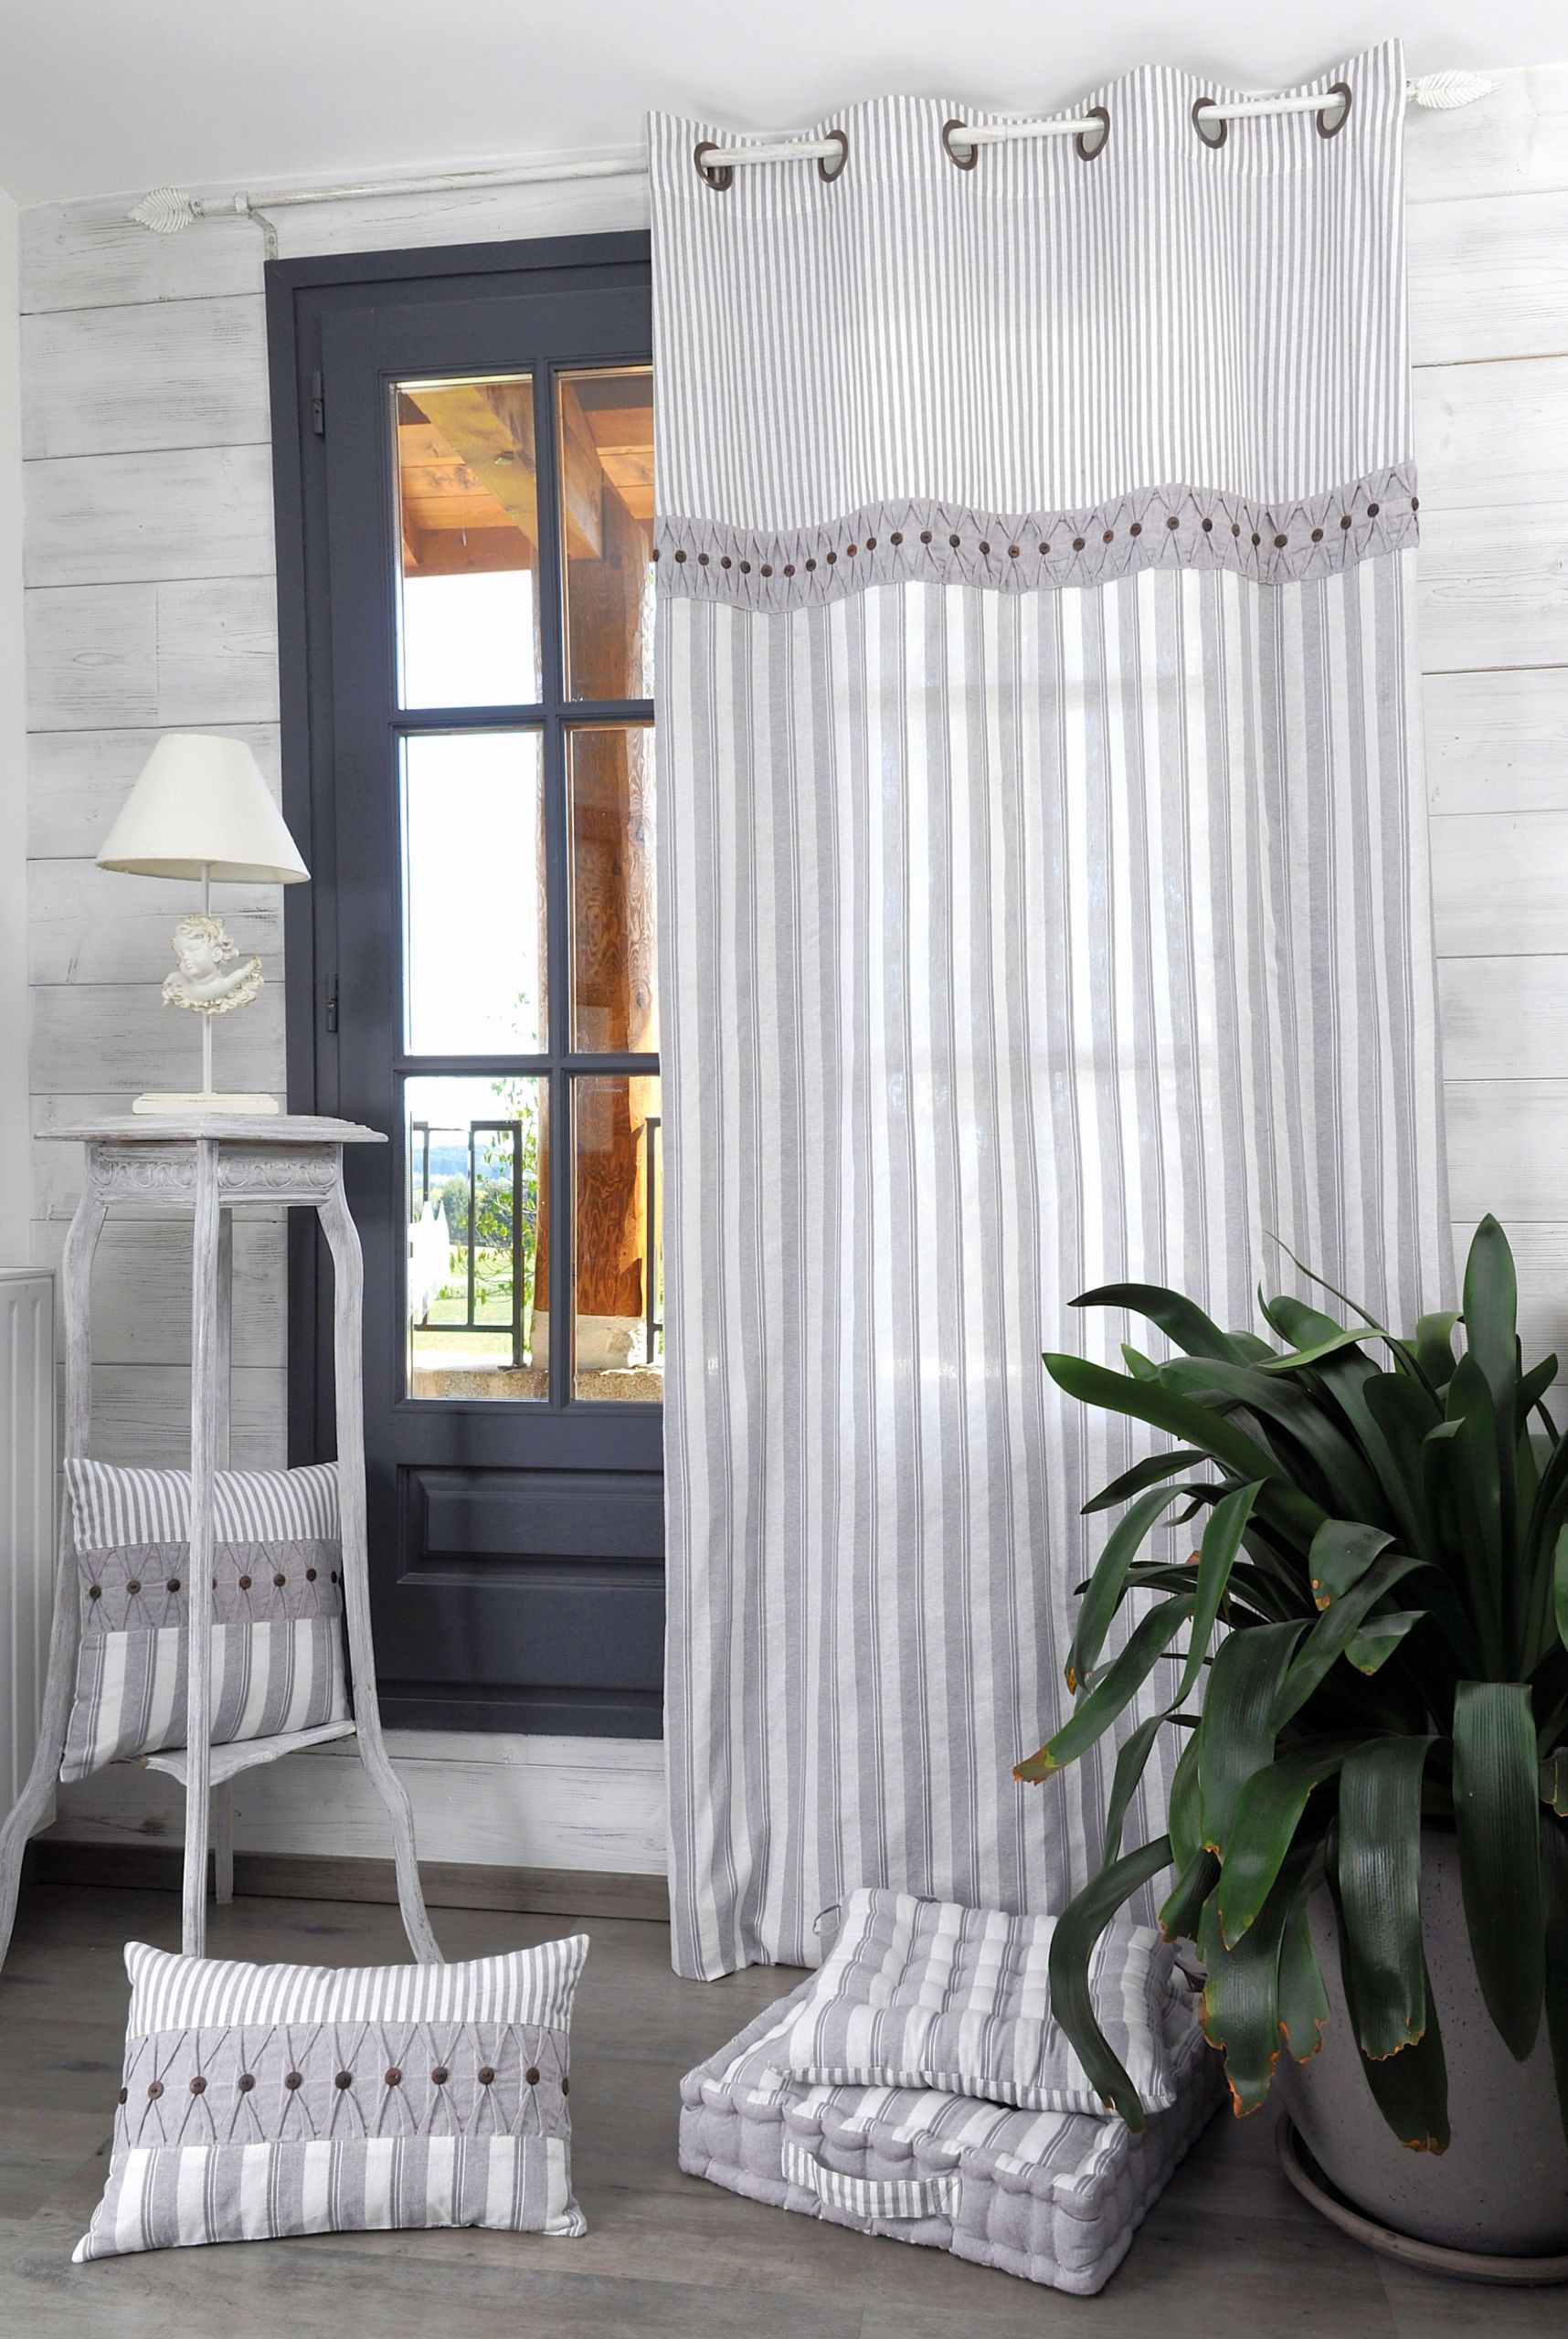 rideau blanc salon beau rideaux romantique elegant rideaux droits best voilage blanc 0d of rideau blanc salon